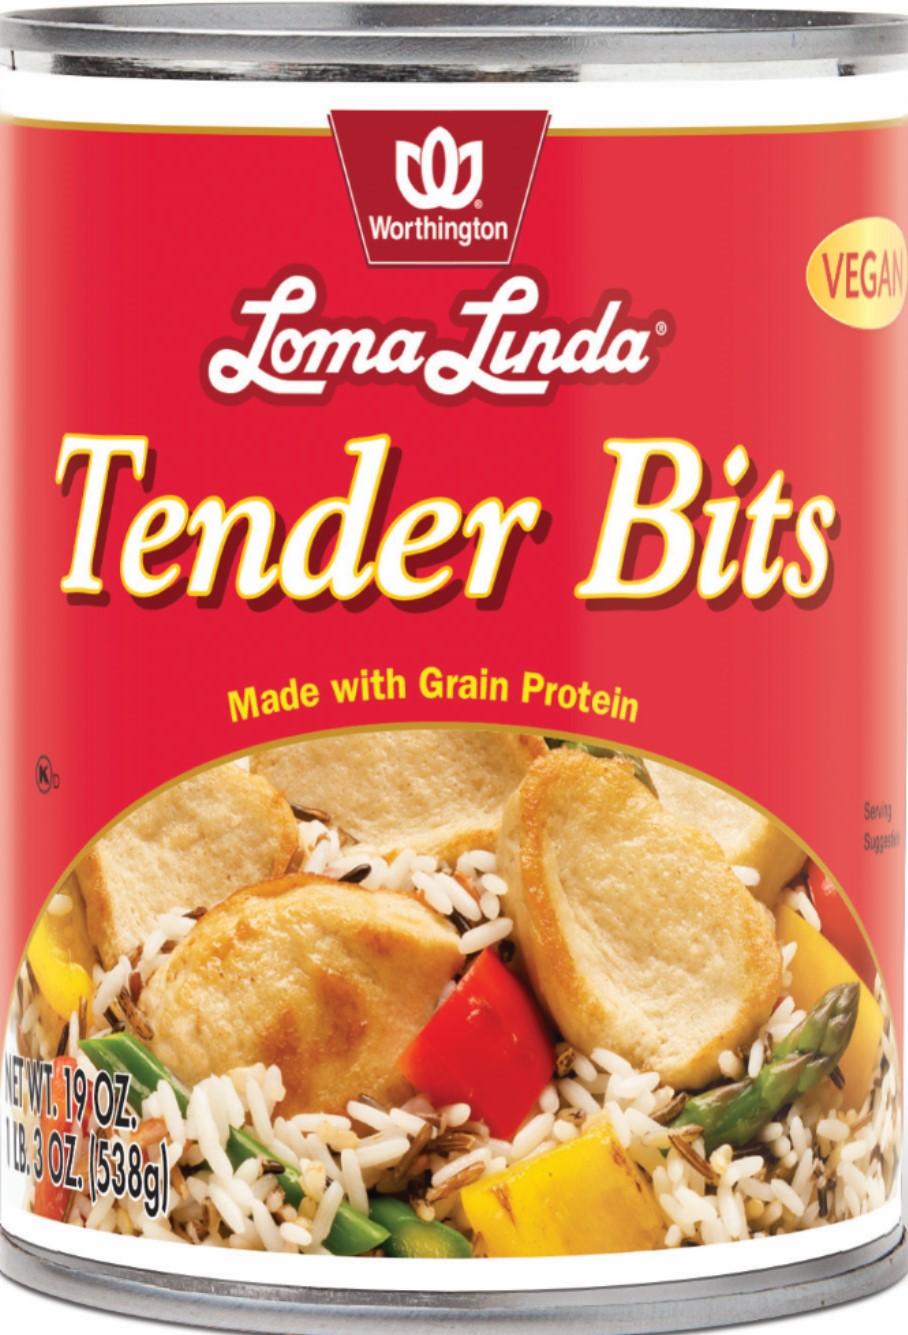 TENDER BITS CASE,LOMA LINDA,100057